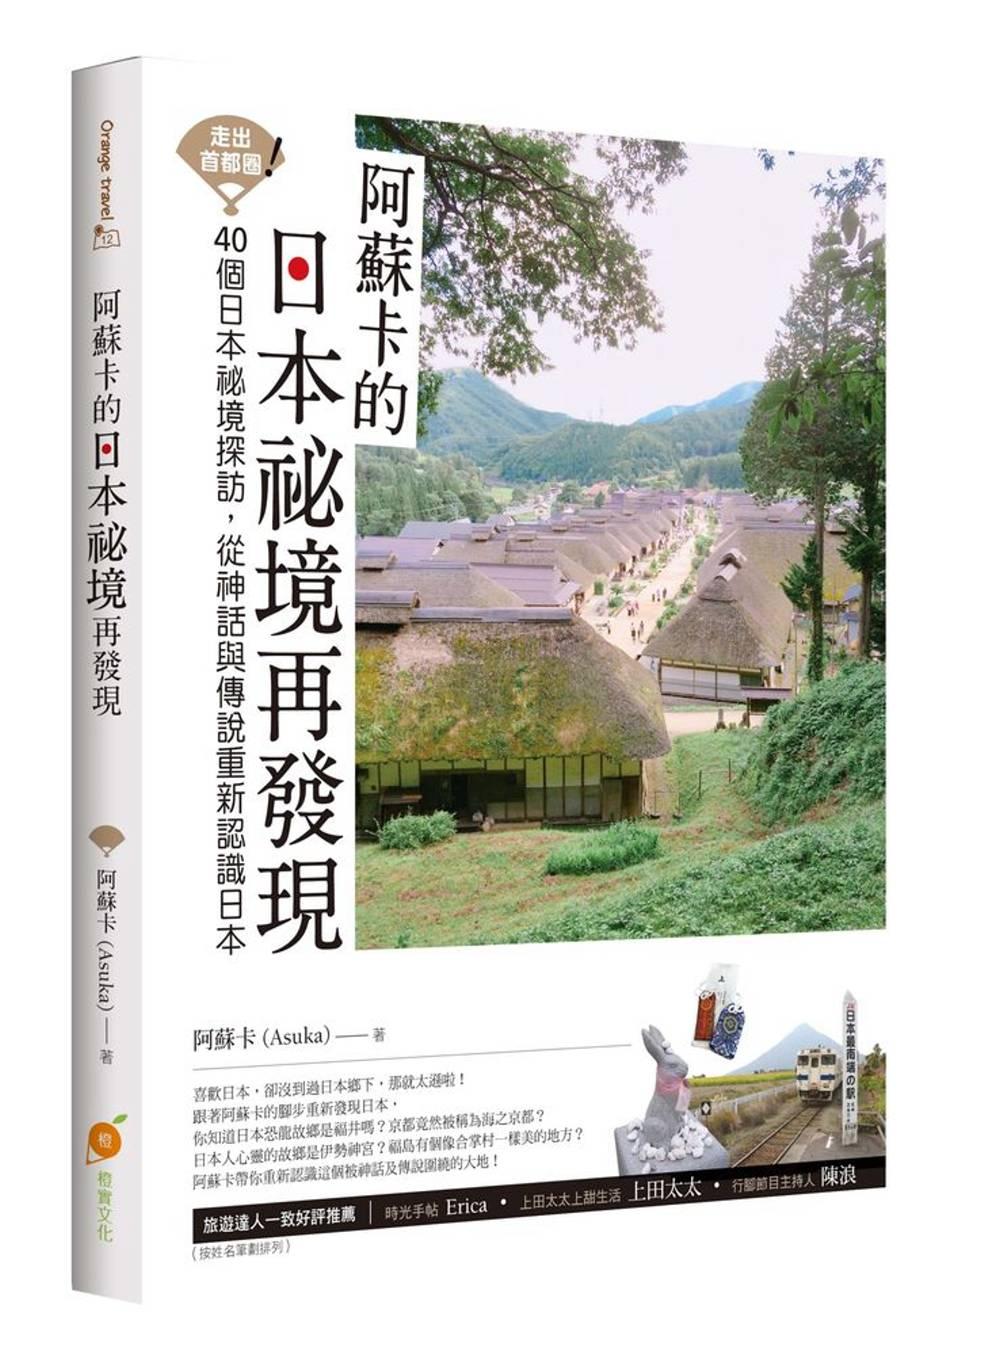 ◤博客來BOOKS◢ 暢銷書榜《推薦》走出首都圈!阿蘇卡的日本祕境再發現:40個日本祕境探訪,從神話與傳說重新認識日本